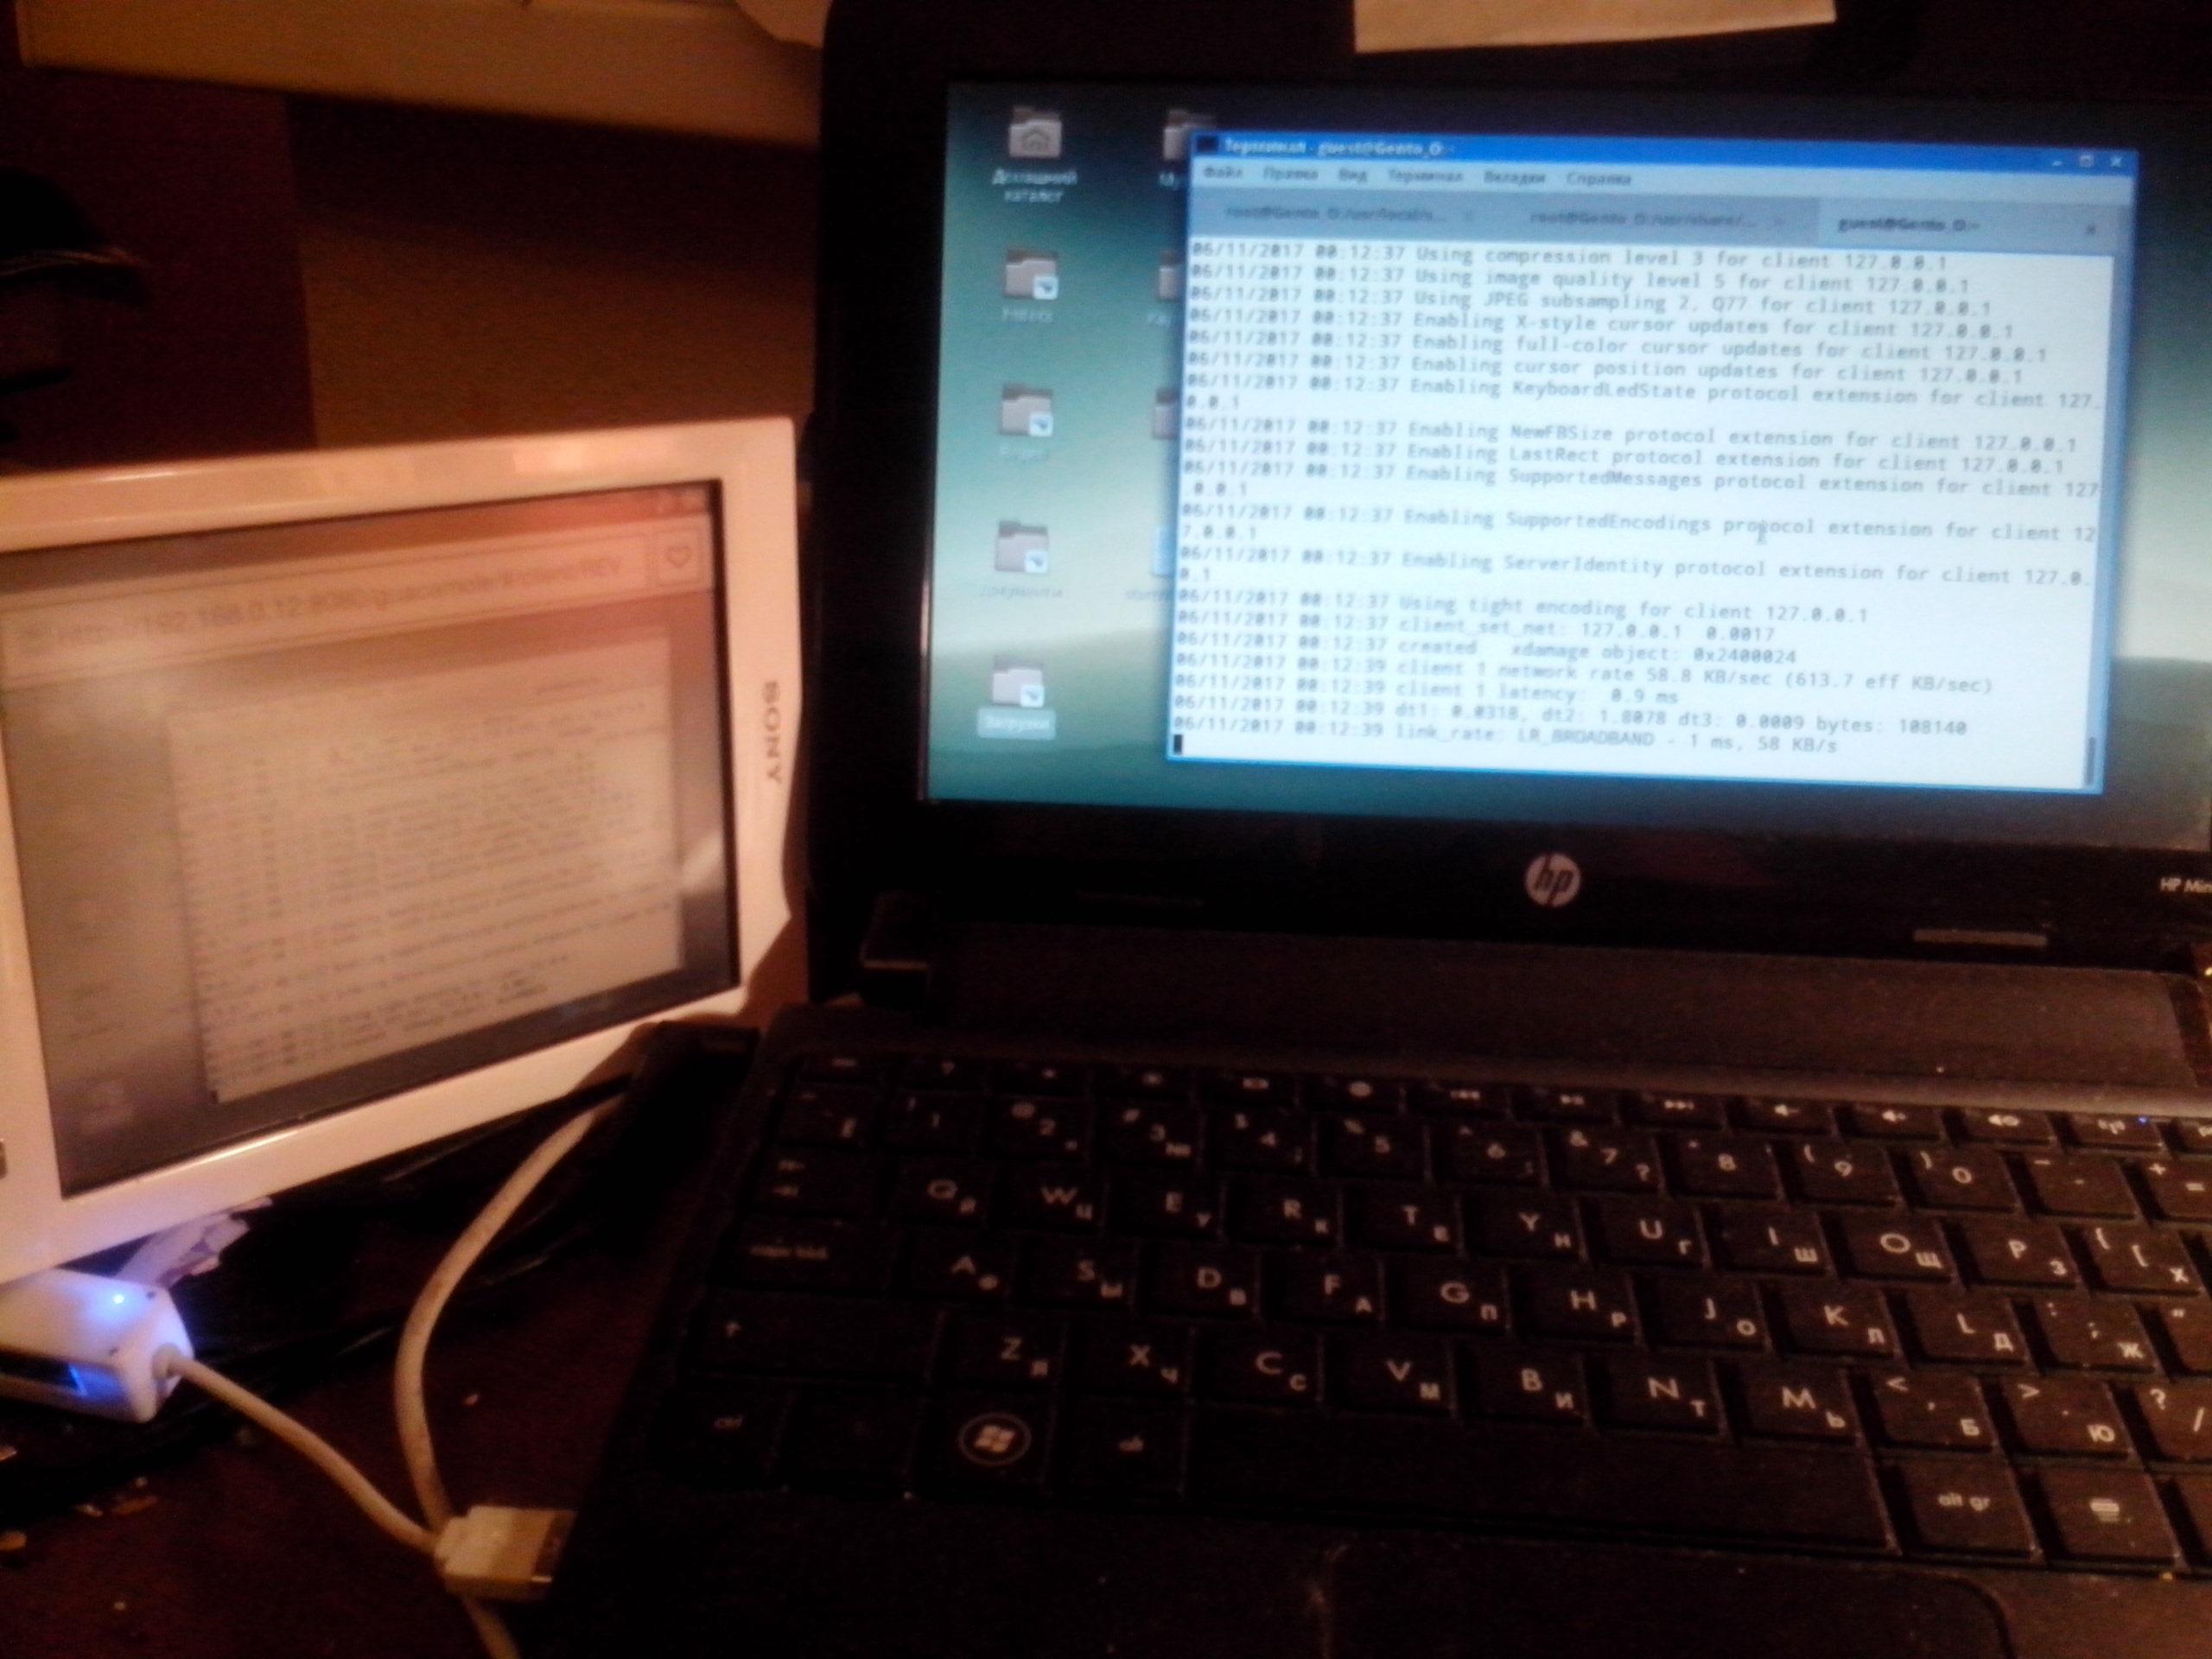 Видео на электронной книжке. Попытка использовать е-ink reader в качестве второго монитора в linux